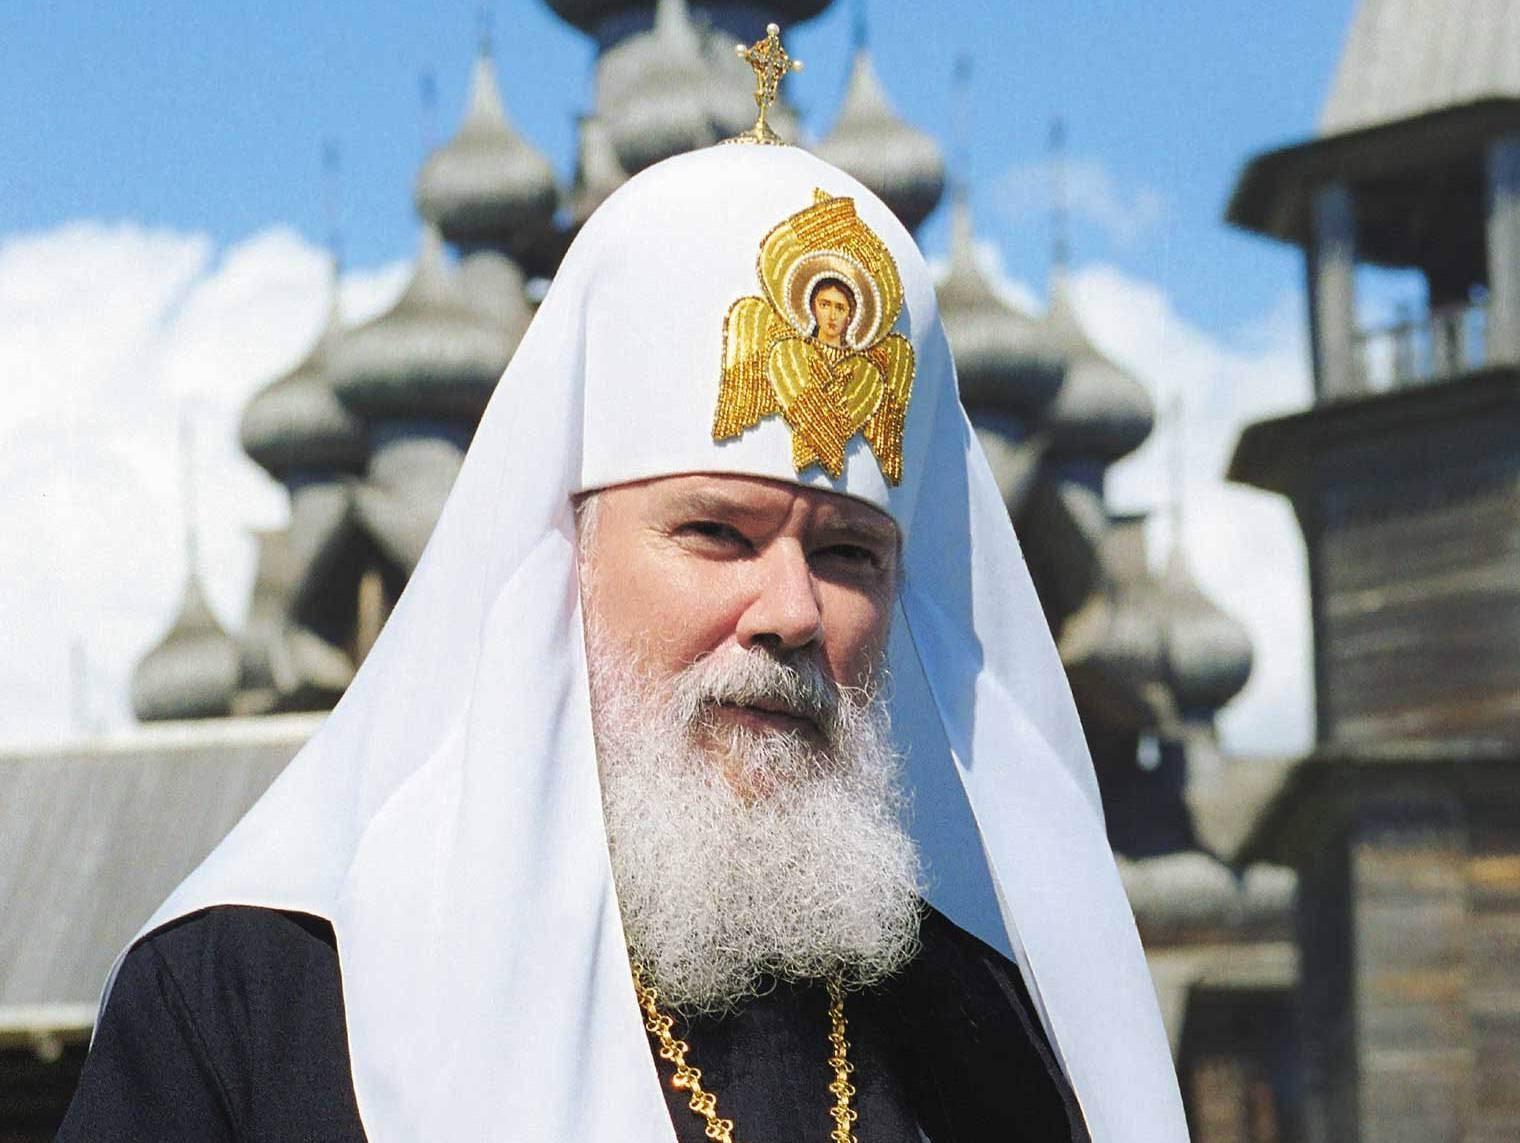 Попередній предстоятель РПЦ обіцяв Україні: ніяких майнових претензій